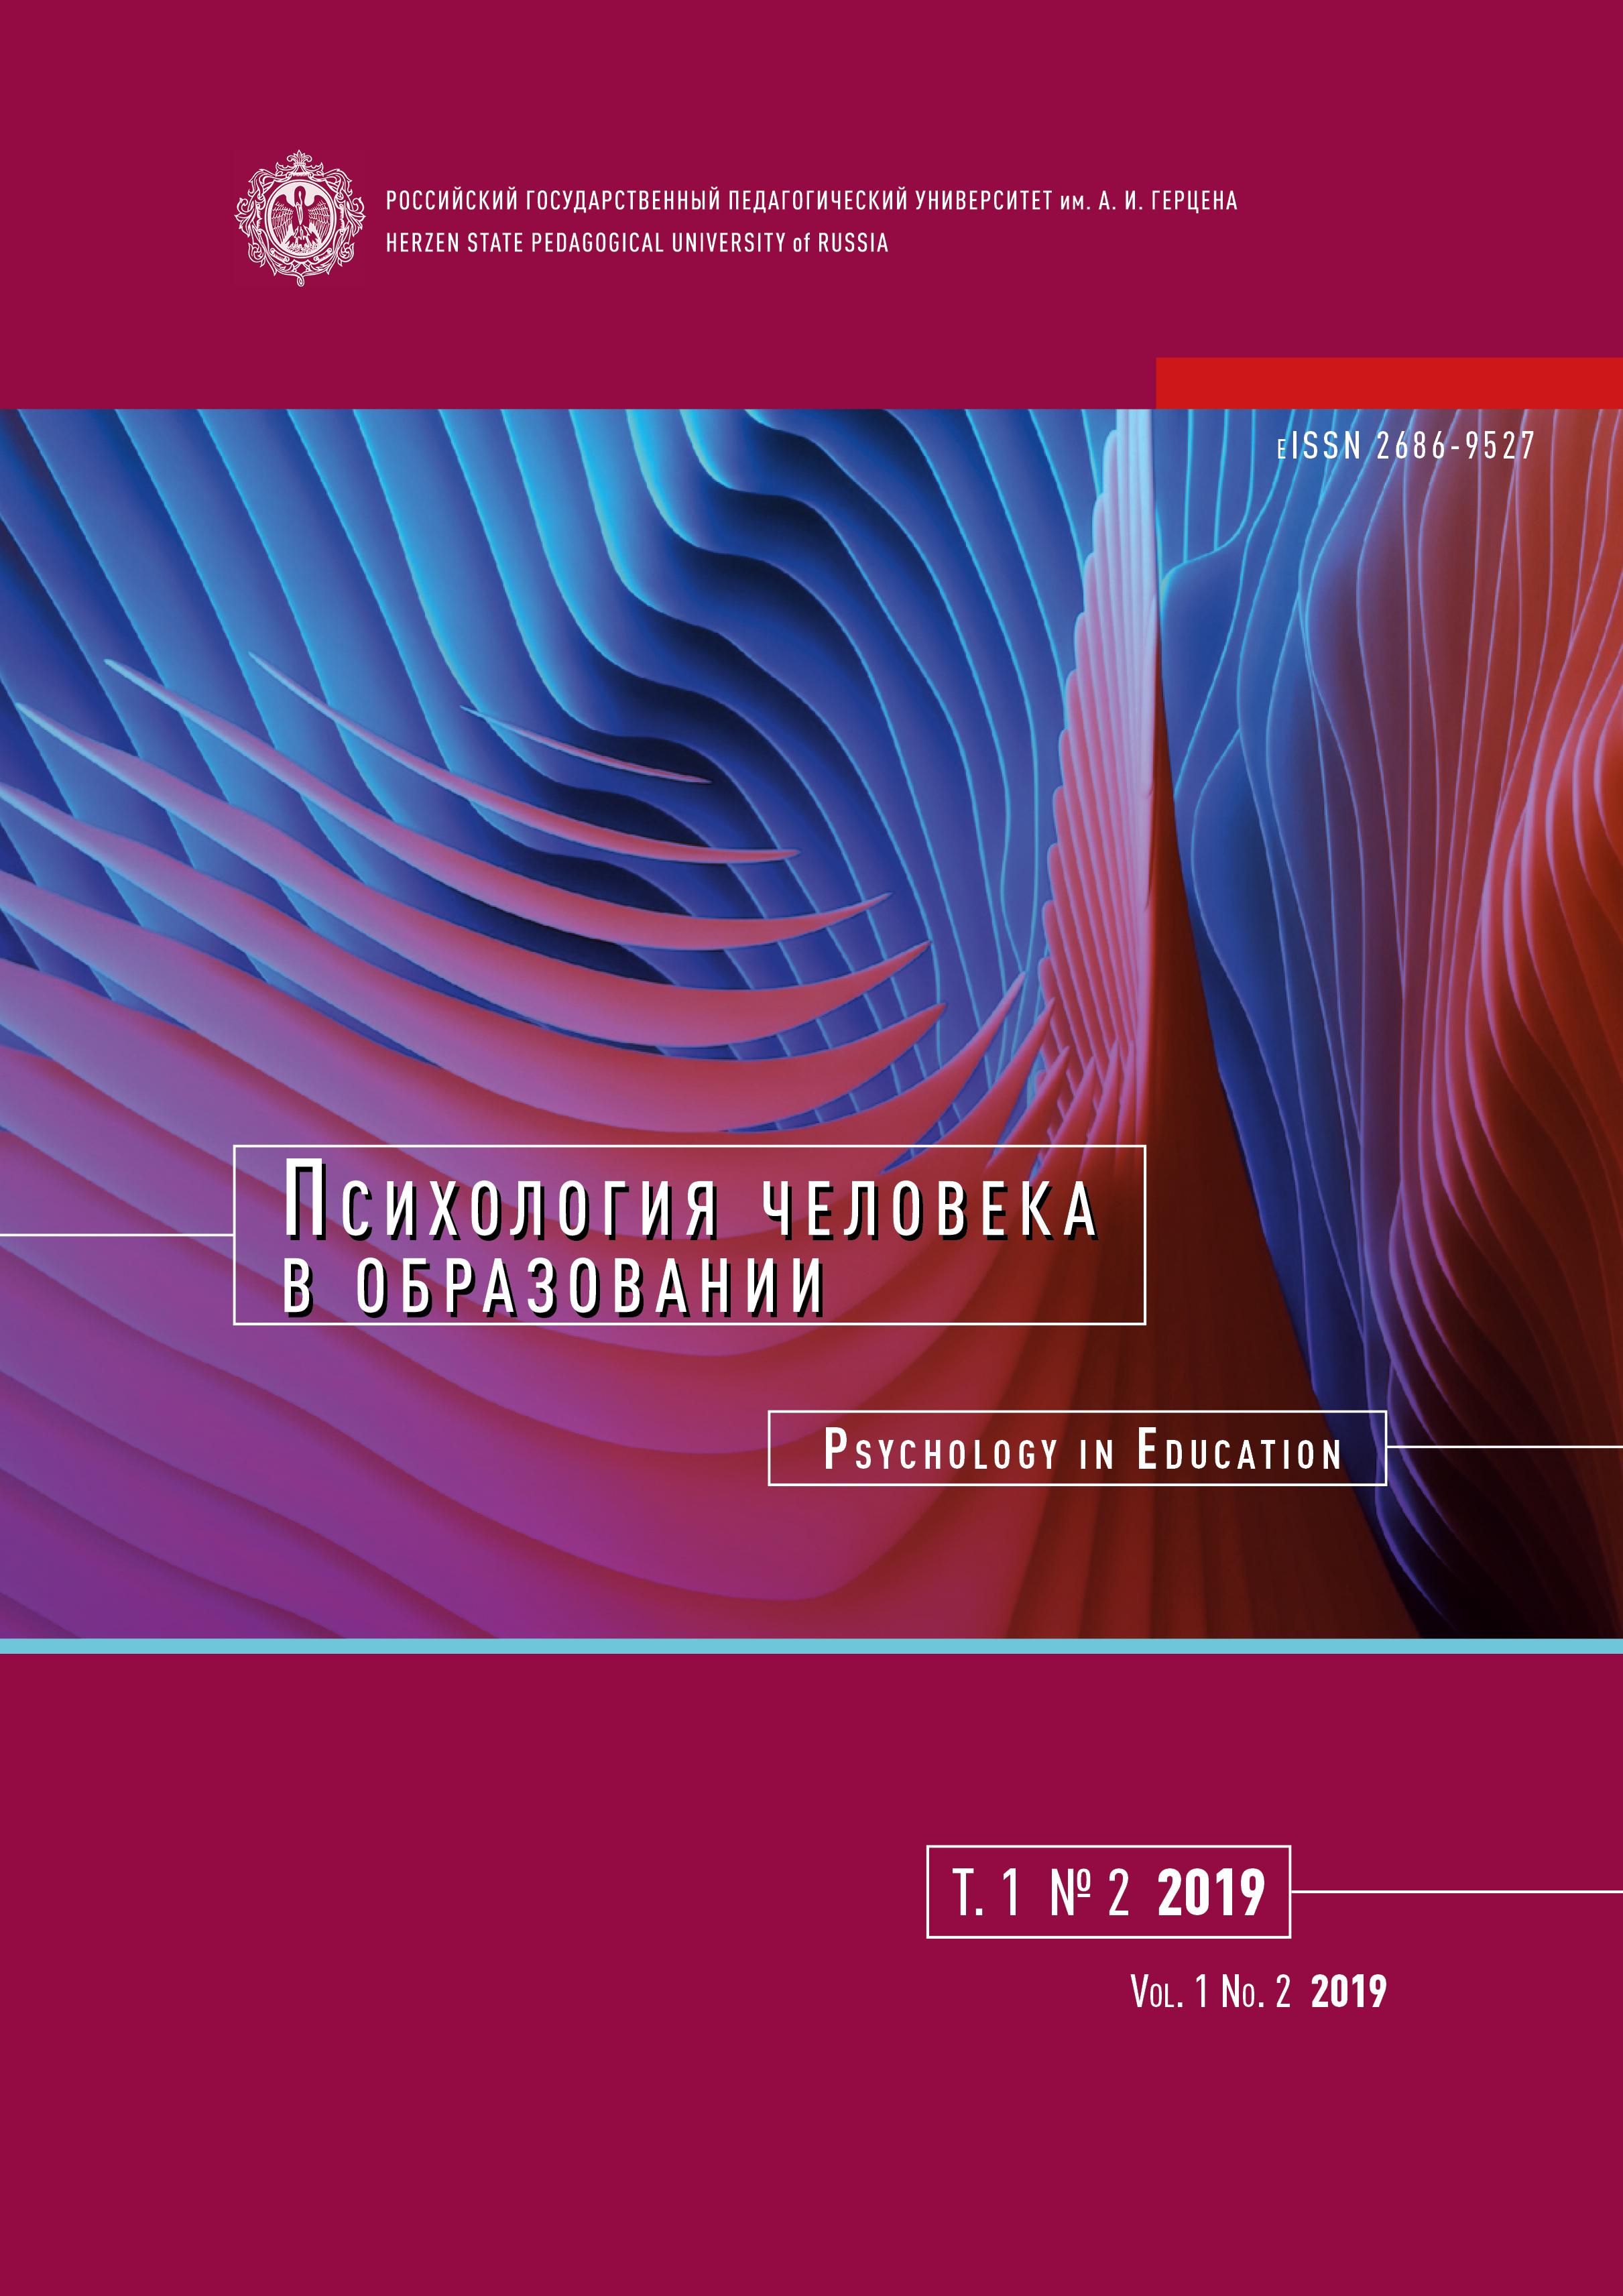 """Обложка журнала """"Психология человека в образовании"""" (т. 1, № 2)"""